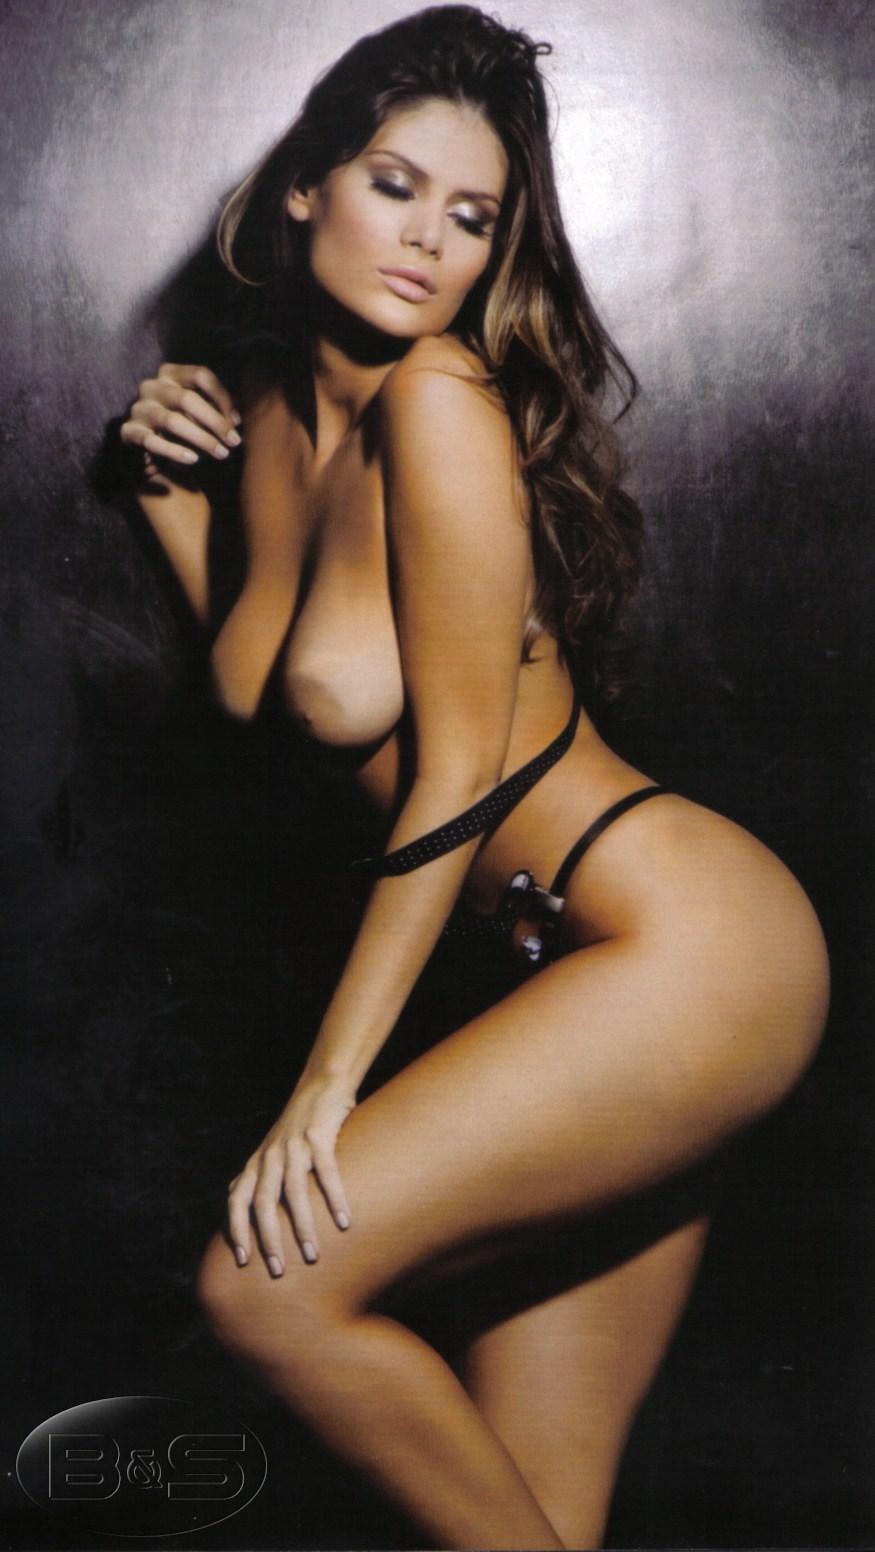 Playboy Capa Edi O Outubro A Gata Do Bbb Morena Mais Linda